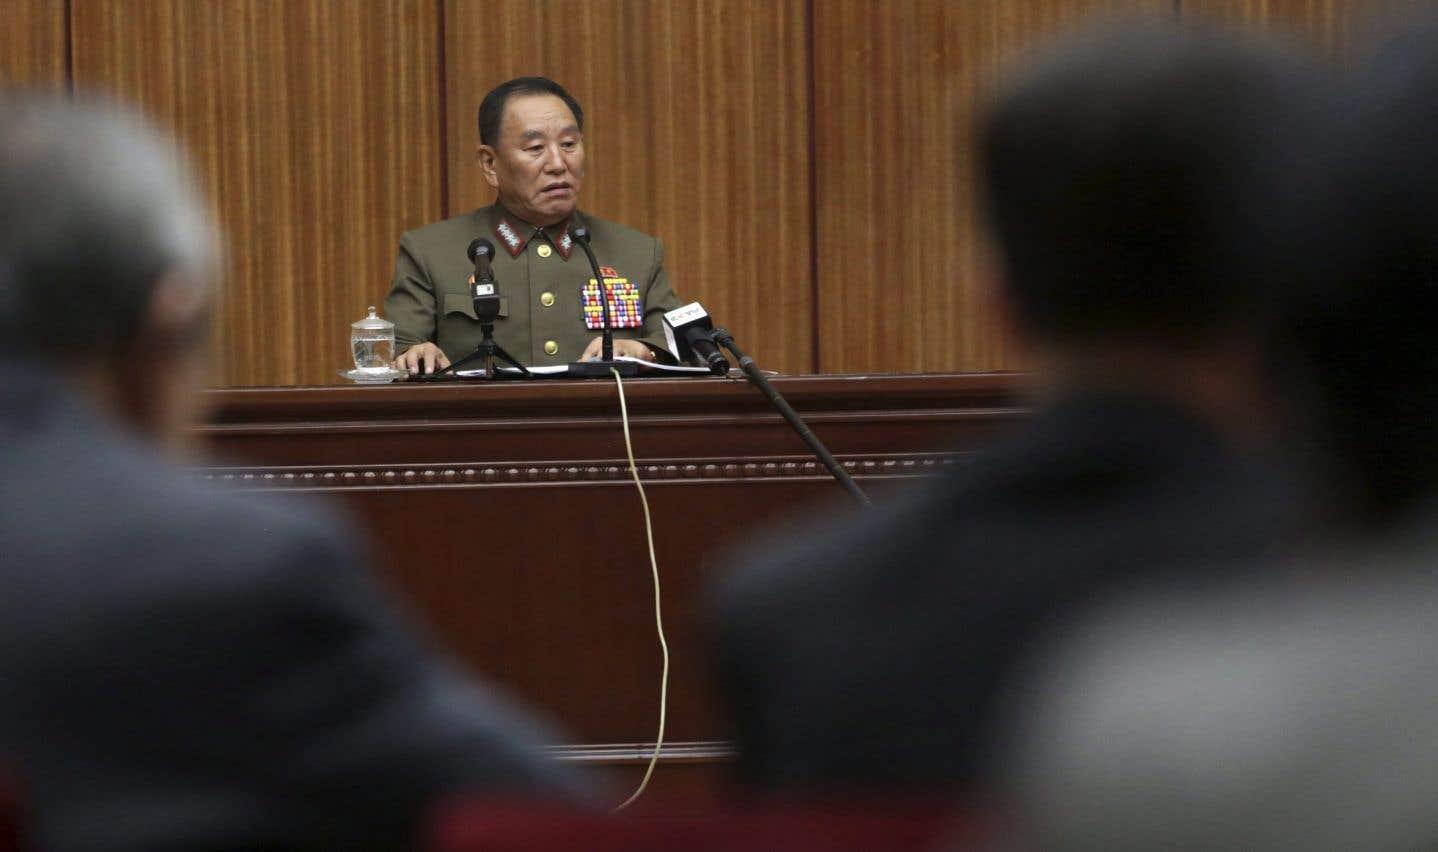 La délégation nord-coréenne estconduite par le général Kim Yong Chol.